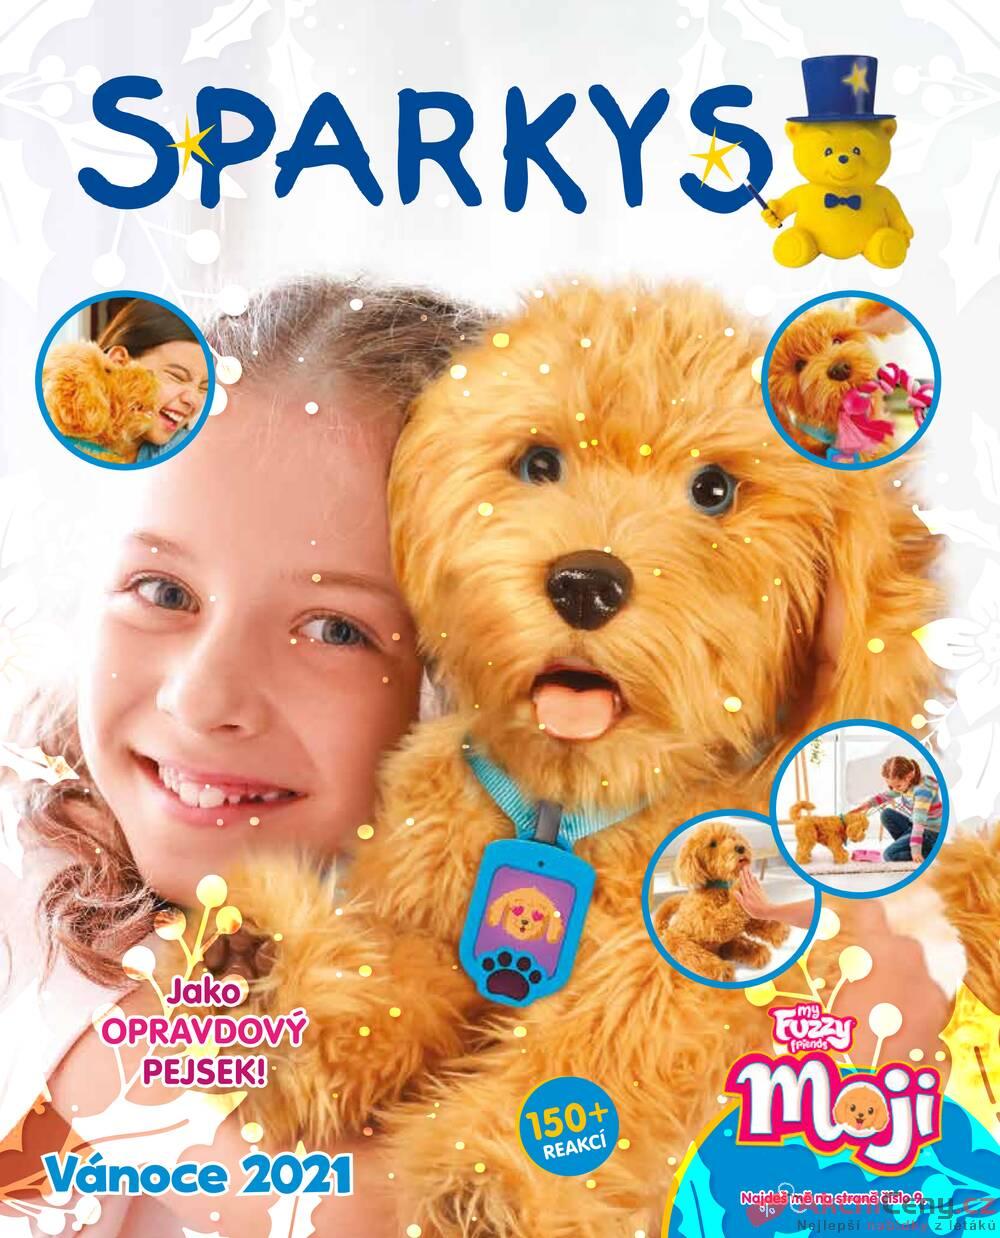 Leták Sparkys - Sparkys od 15.10. do 31.12.2021 - strana 1